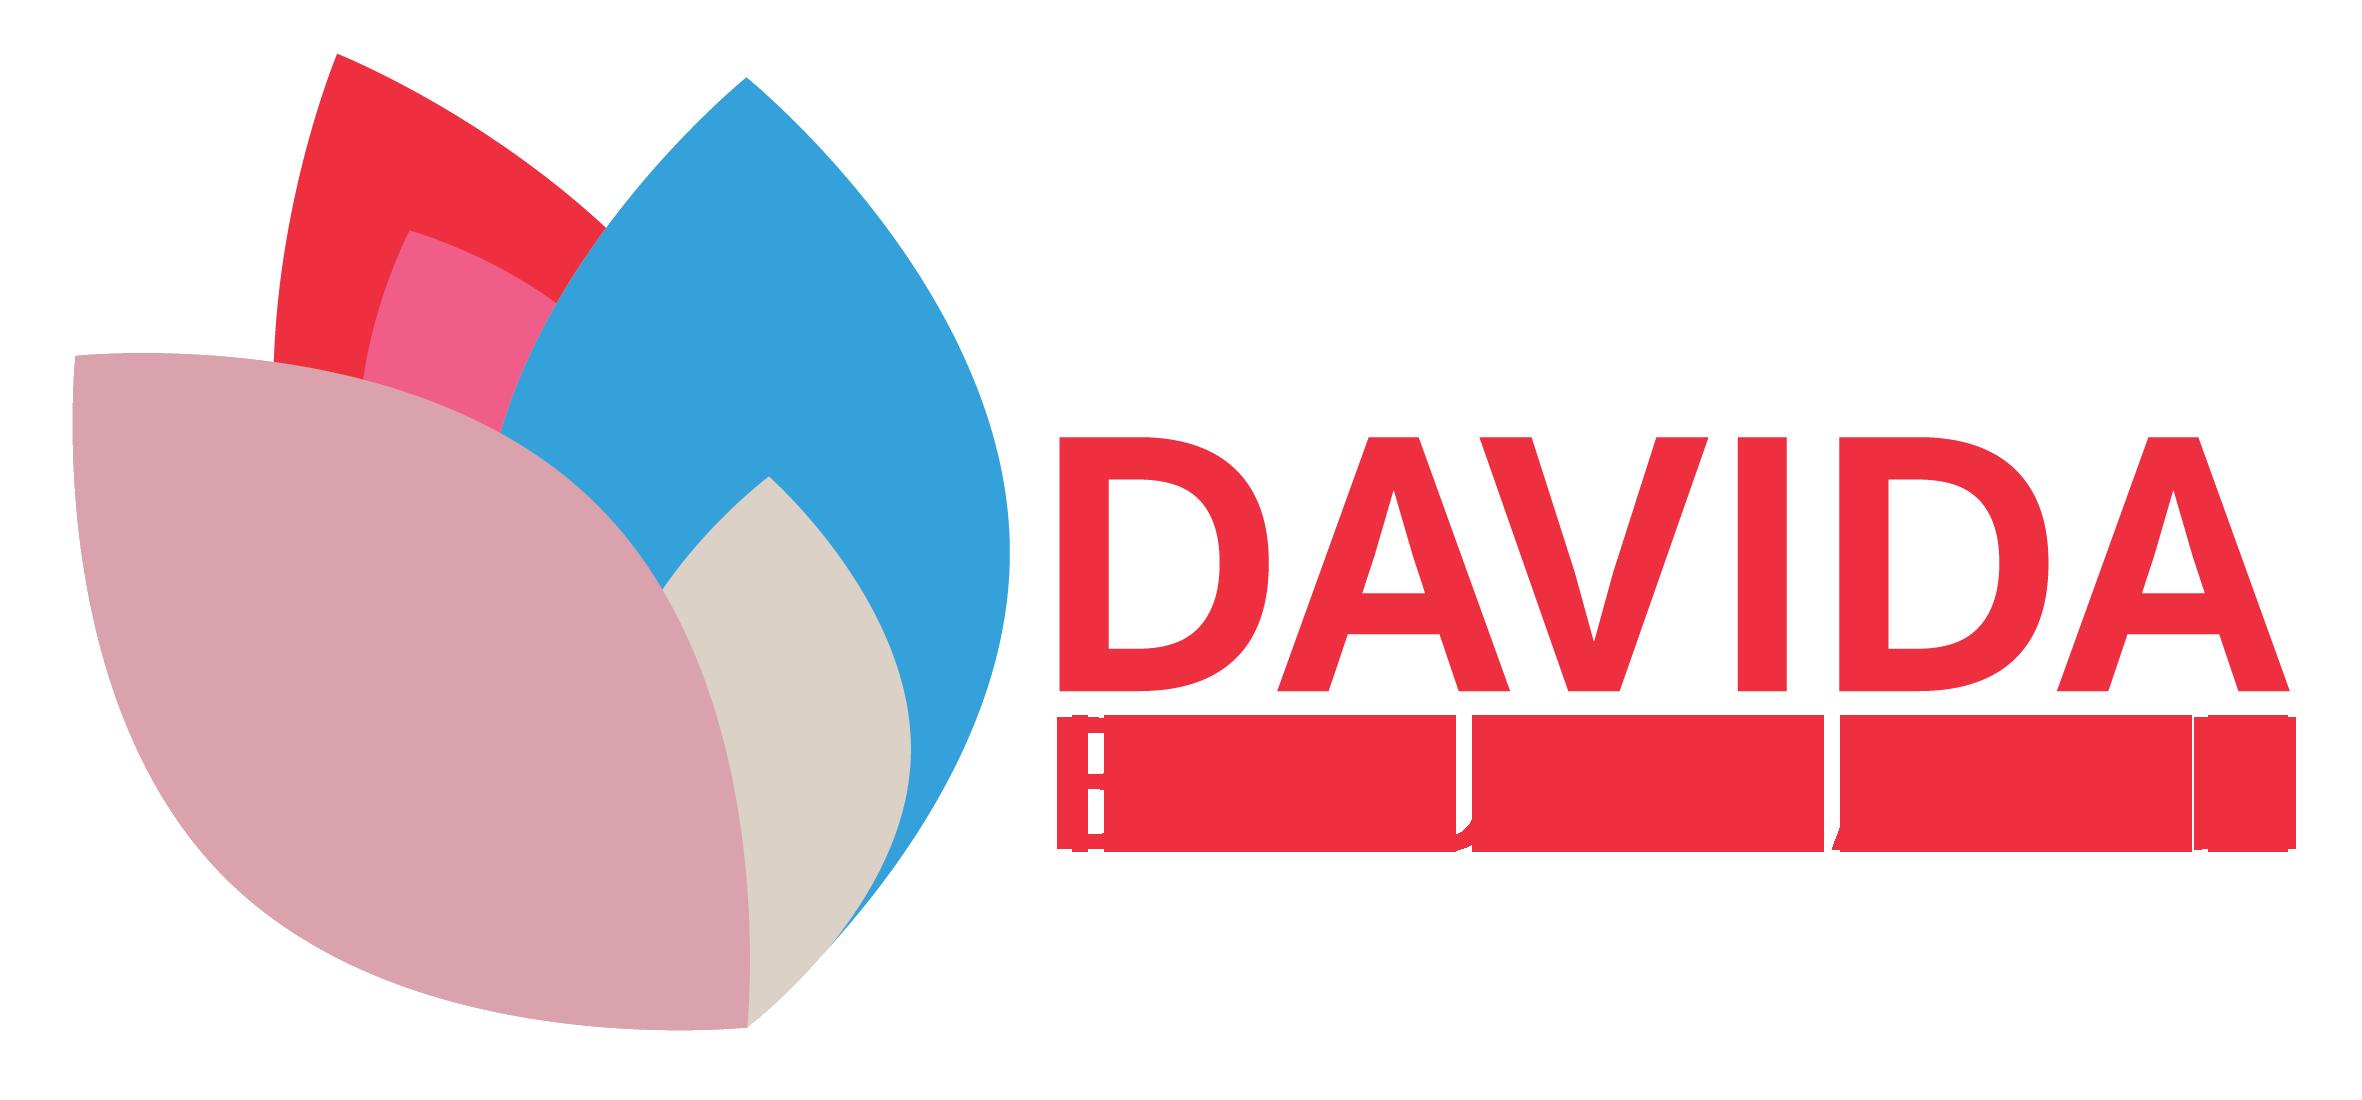 Beautysalon Davida is er voor jouw uiterlijk, want een verzorgd uiterlijk geeft zelfvertrouwen.